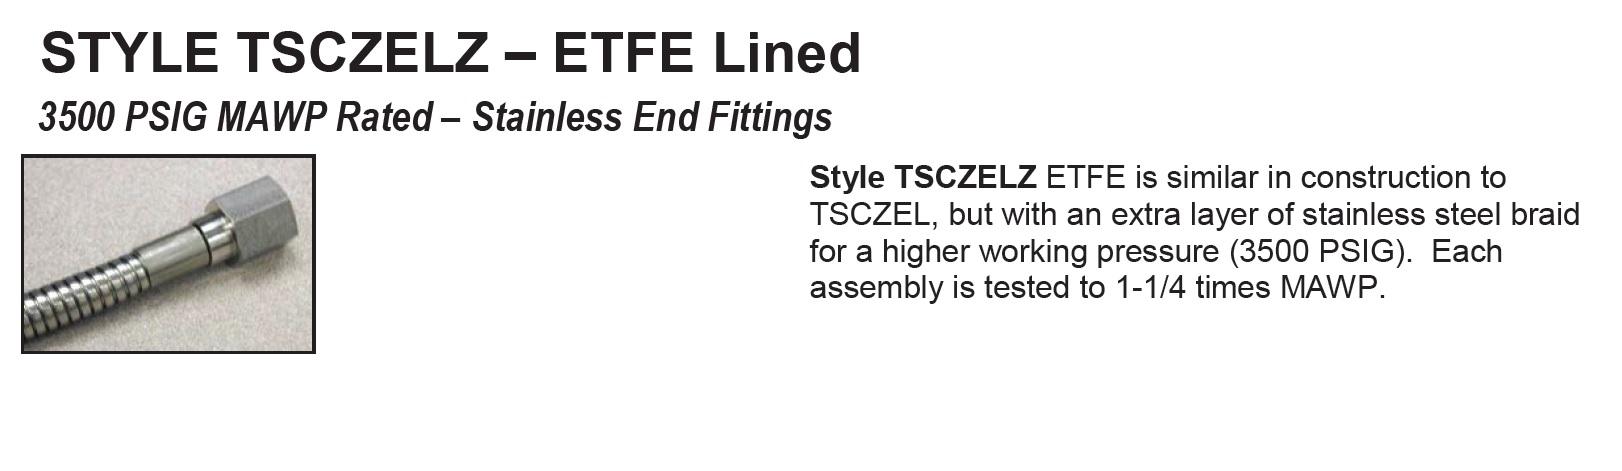 tefzel-lined-high-pressure-pigtail.jpg